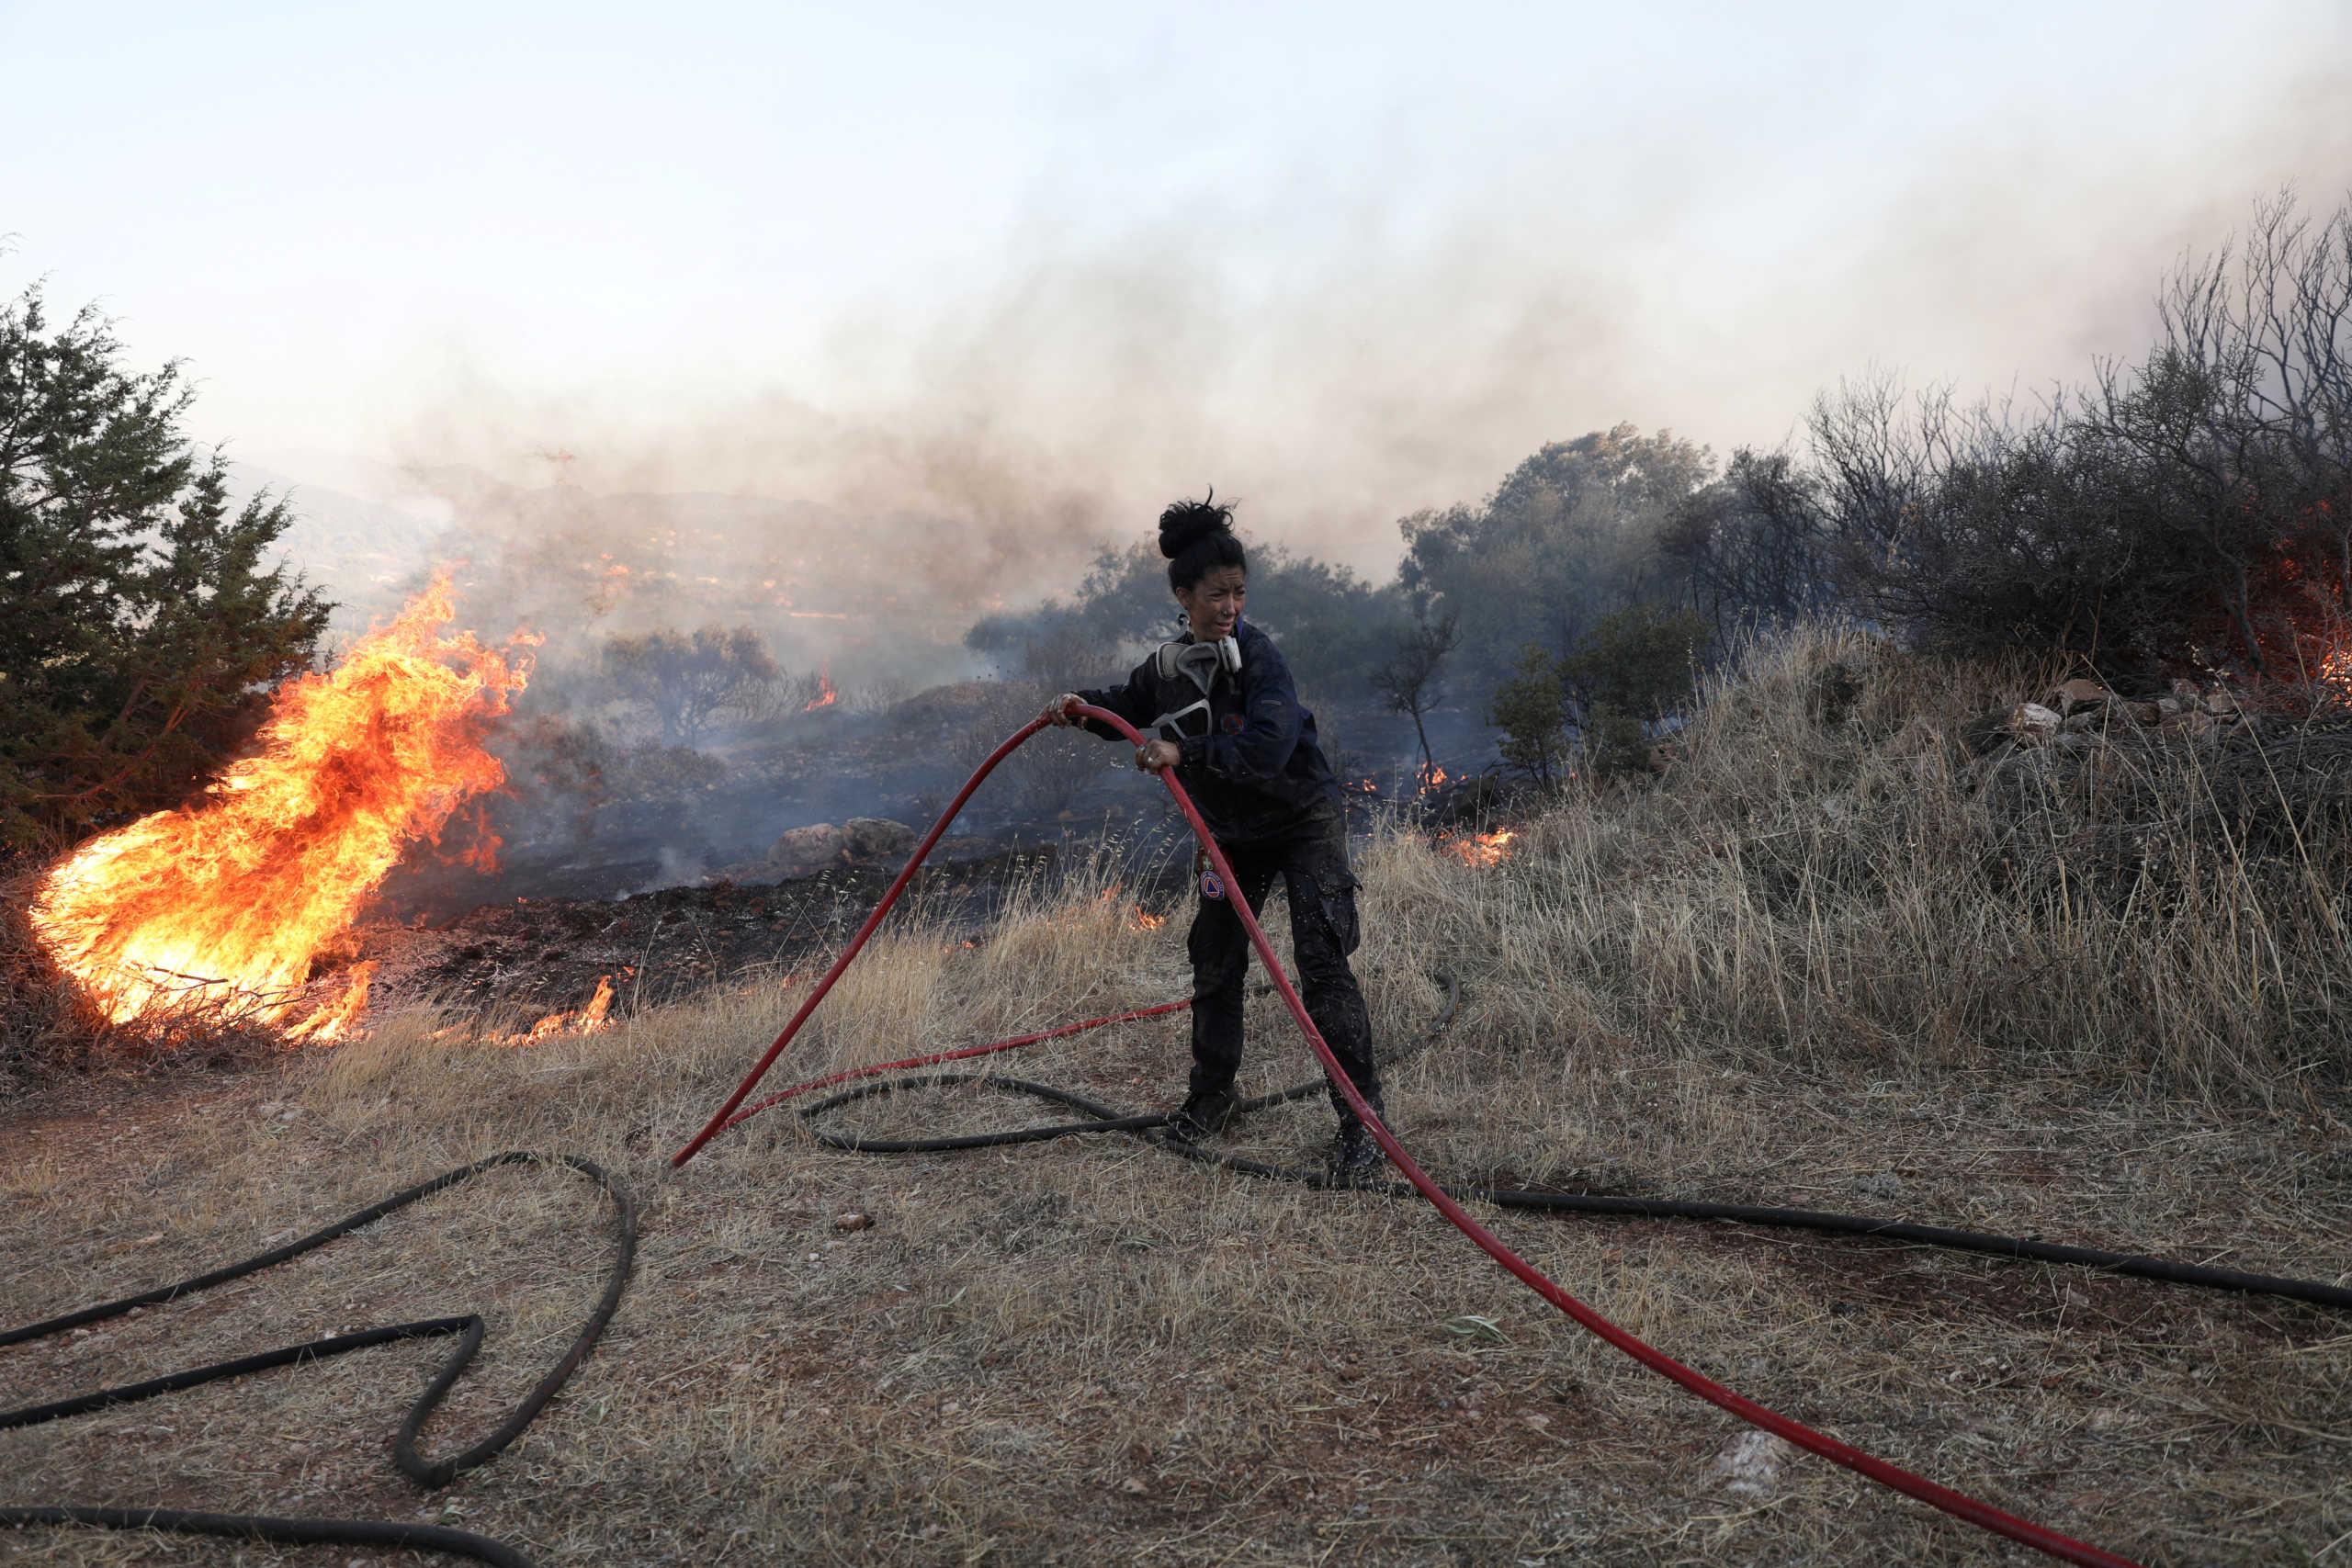 Κύπρος: Υπό έλεγχο η φωτιά στην επαρχία Λευκωσίας – Έκαψε ελαιώνα